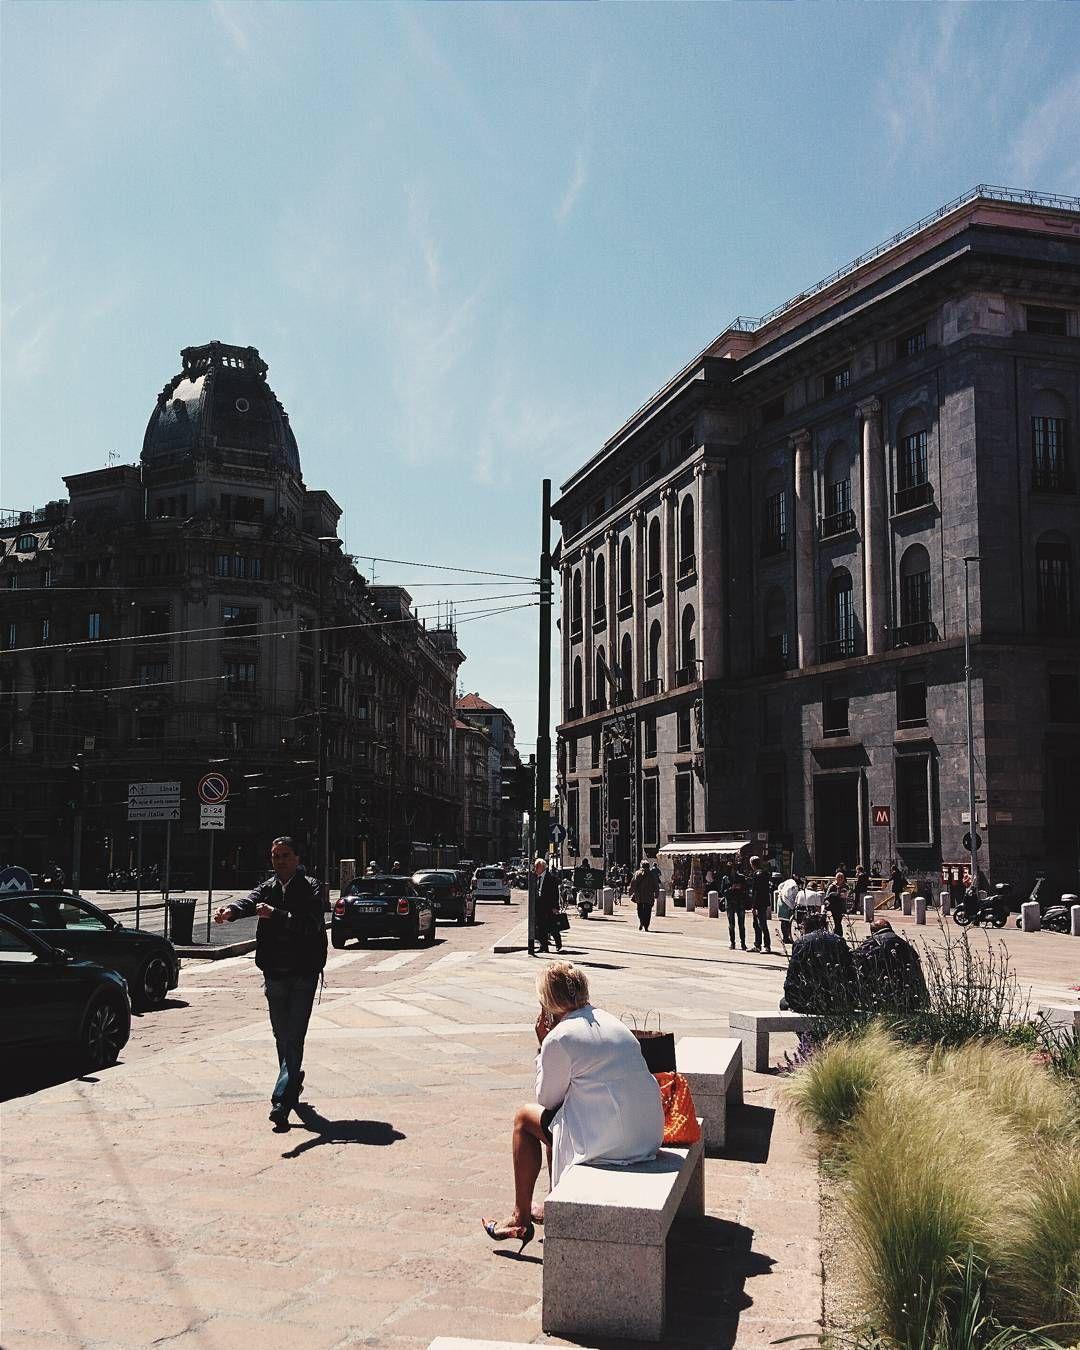 Piazza Missori da quando l'hanno restaurata è diventata davvero splendida non trovate?  Giornata di sole splendida si ma come cacchio bisogna vestirsi???  Qualcuno ha una soluzione?…